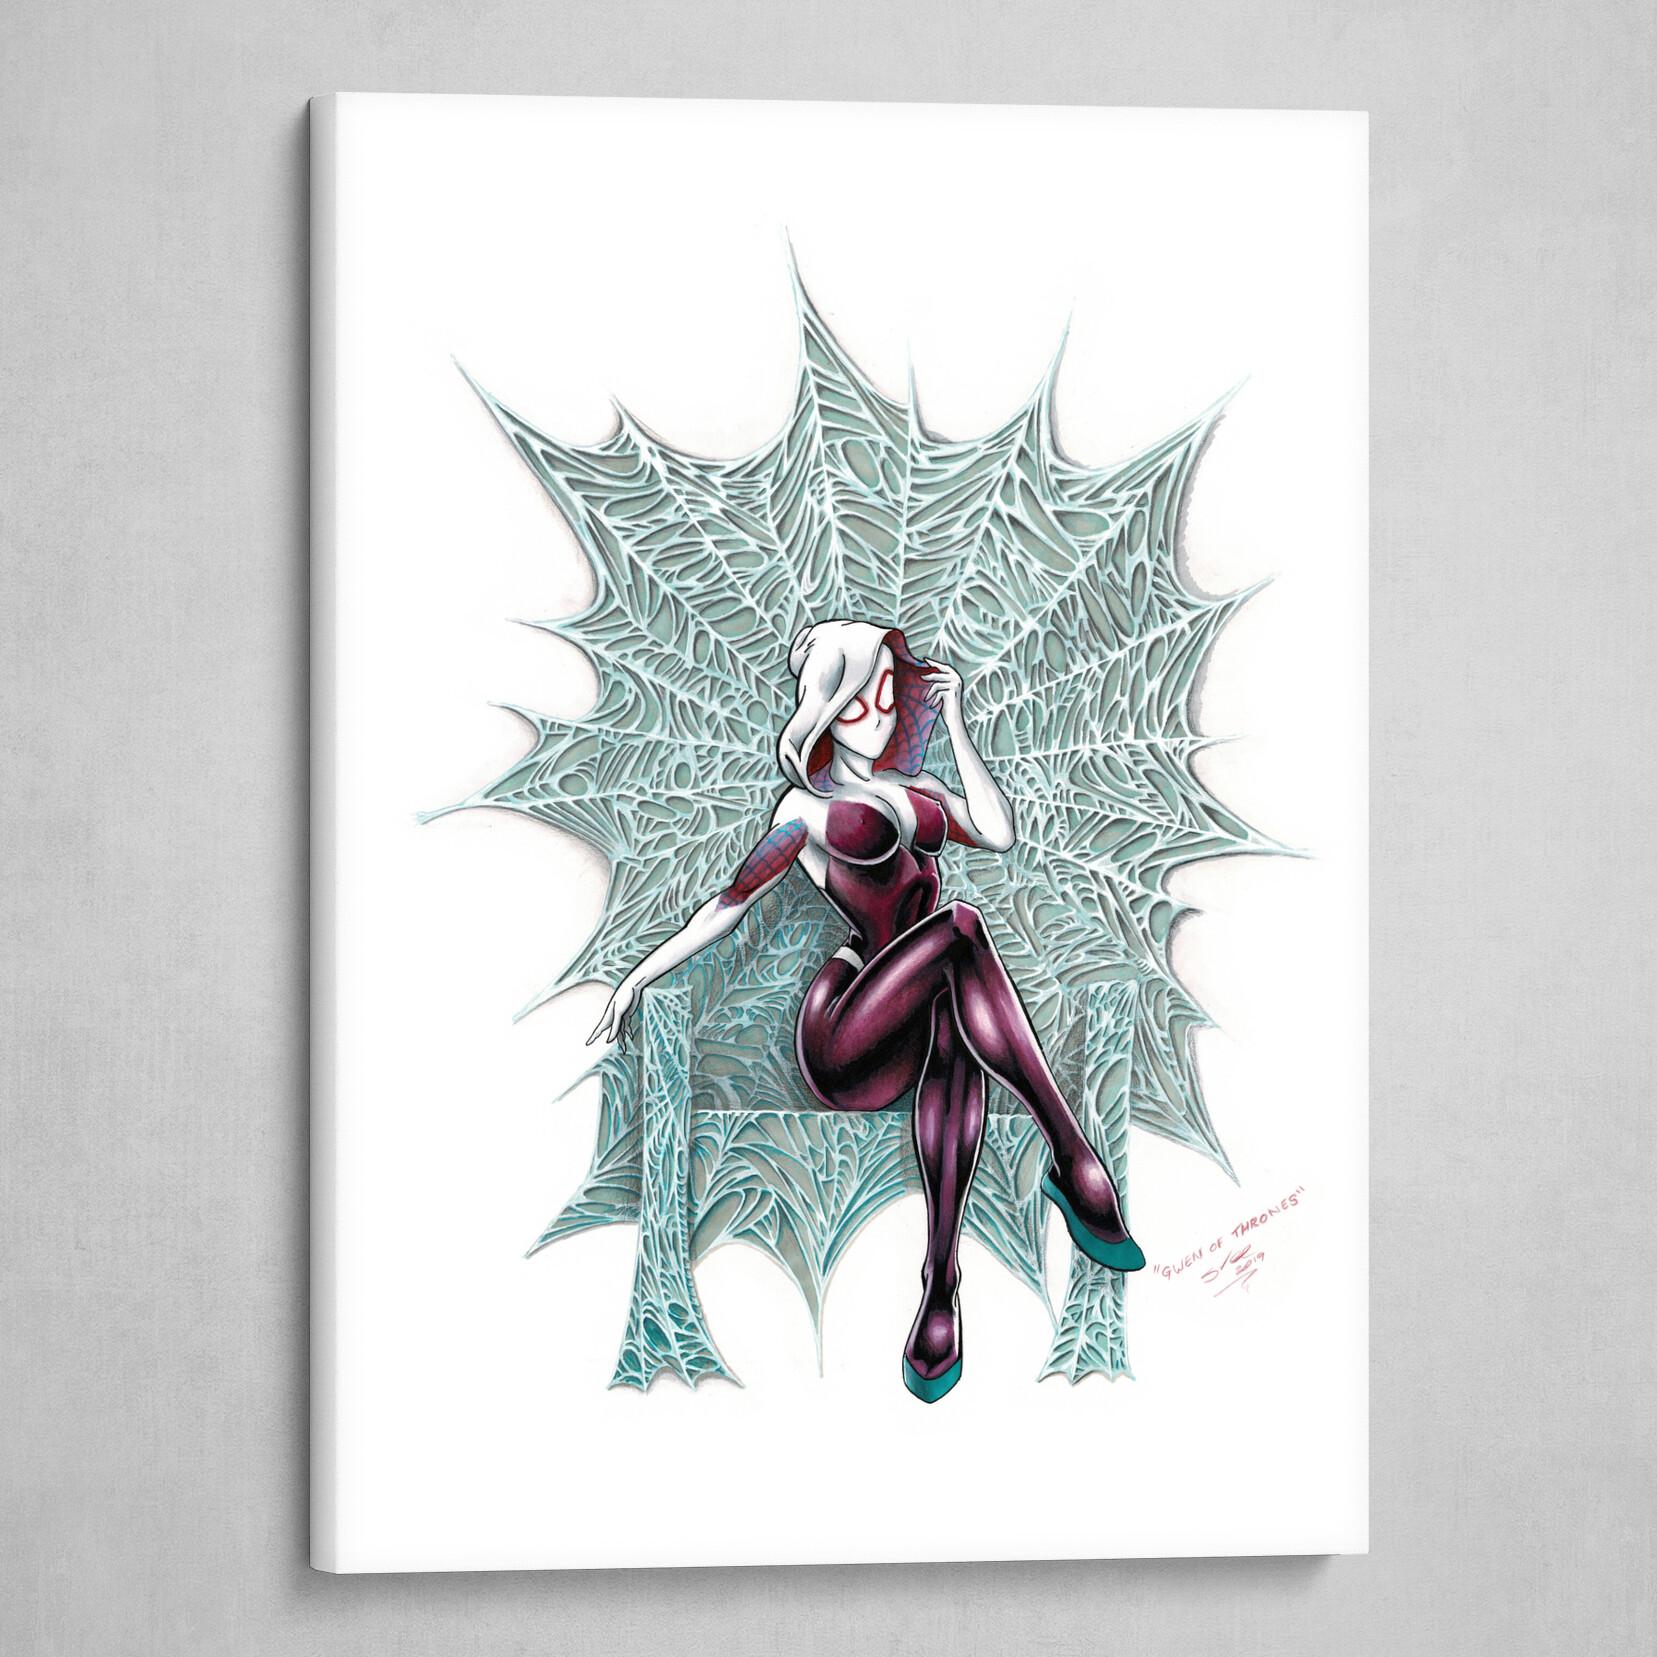 Gwen of Thrones